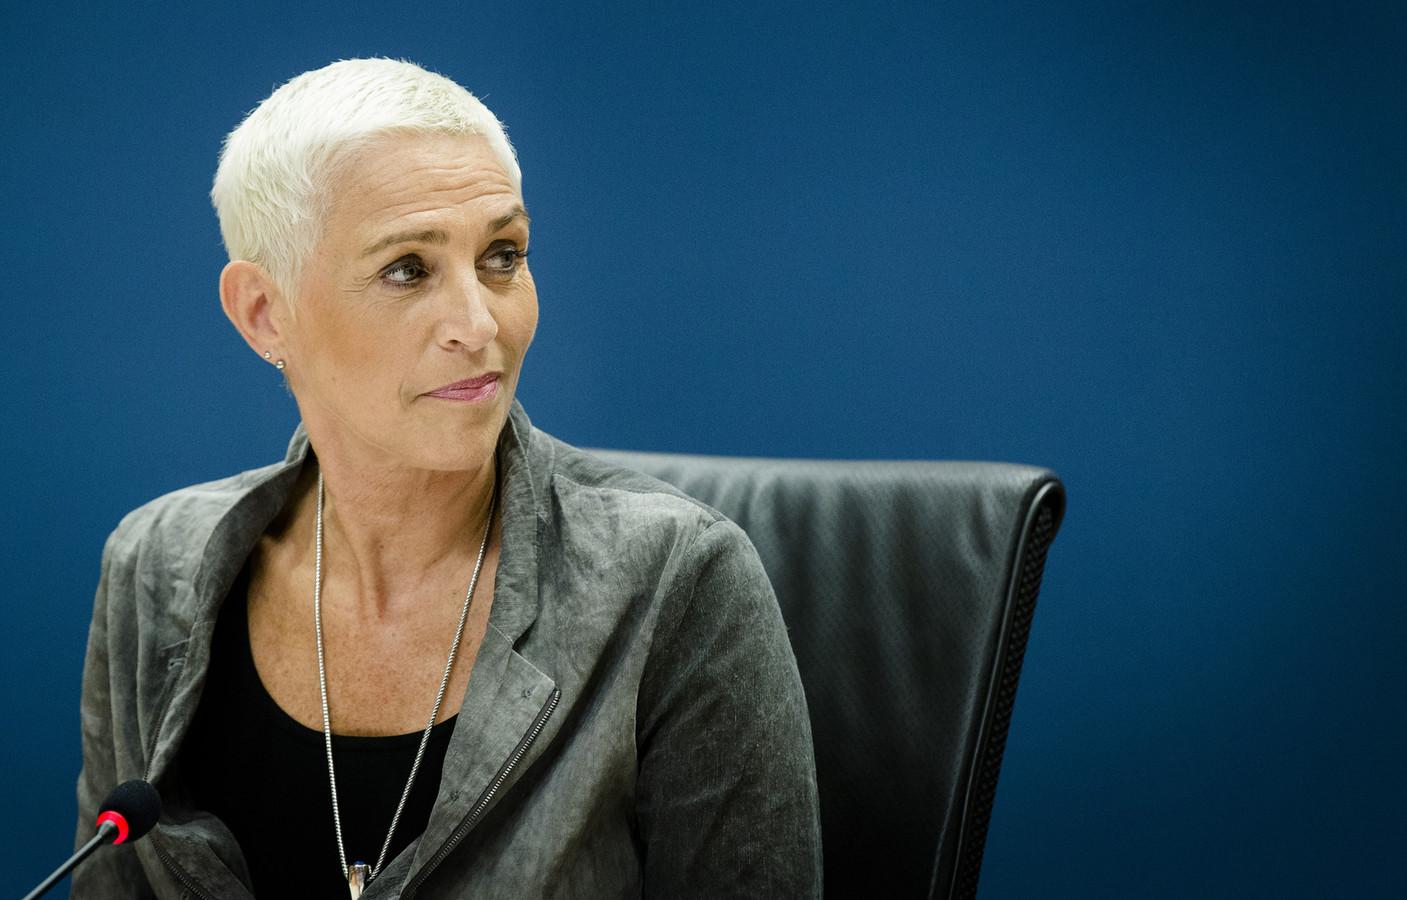 Staatssecretaris Wilma Mansveld van Infrastructuur en Milieu verscheen in juni 2015 voor de parlementaire enquêtecommissie Fyra.